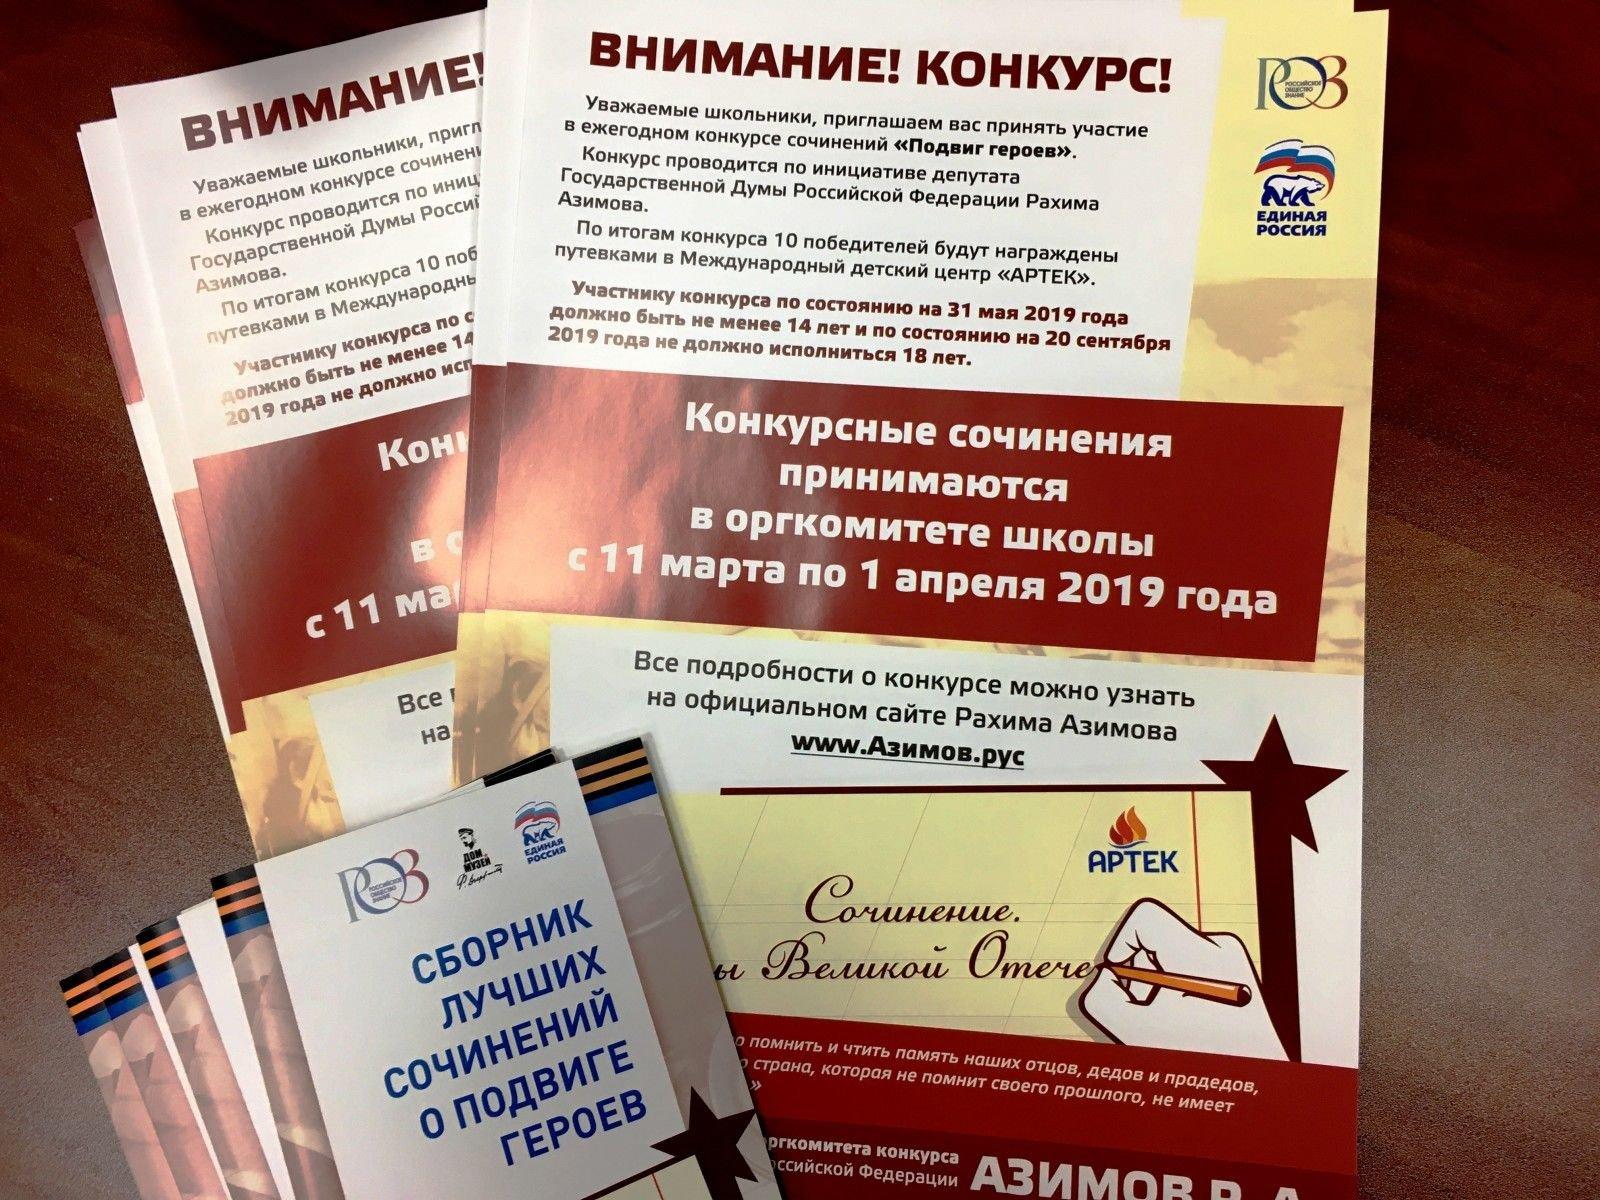 """Мечта об """"Артеке """" может сбыться у каждого школьника Кировской   области"""